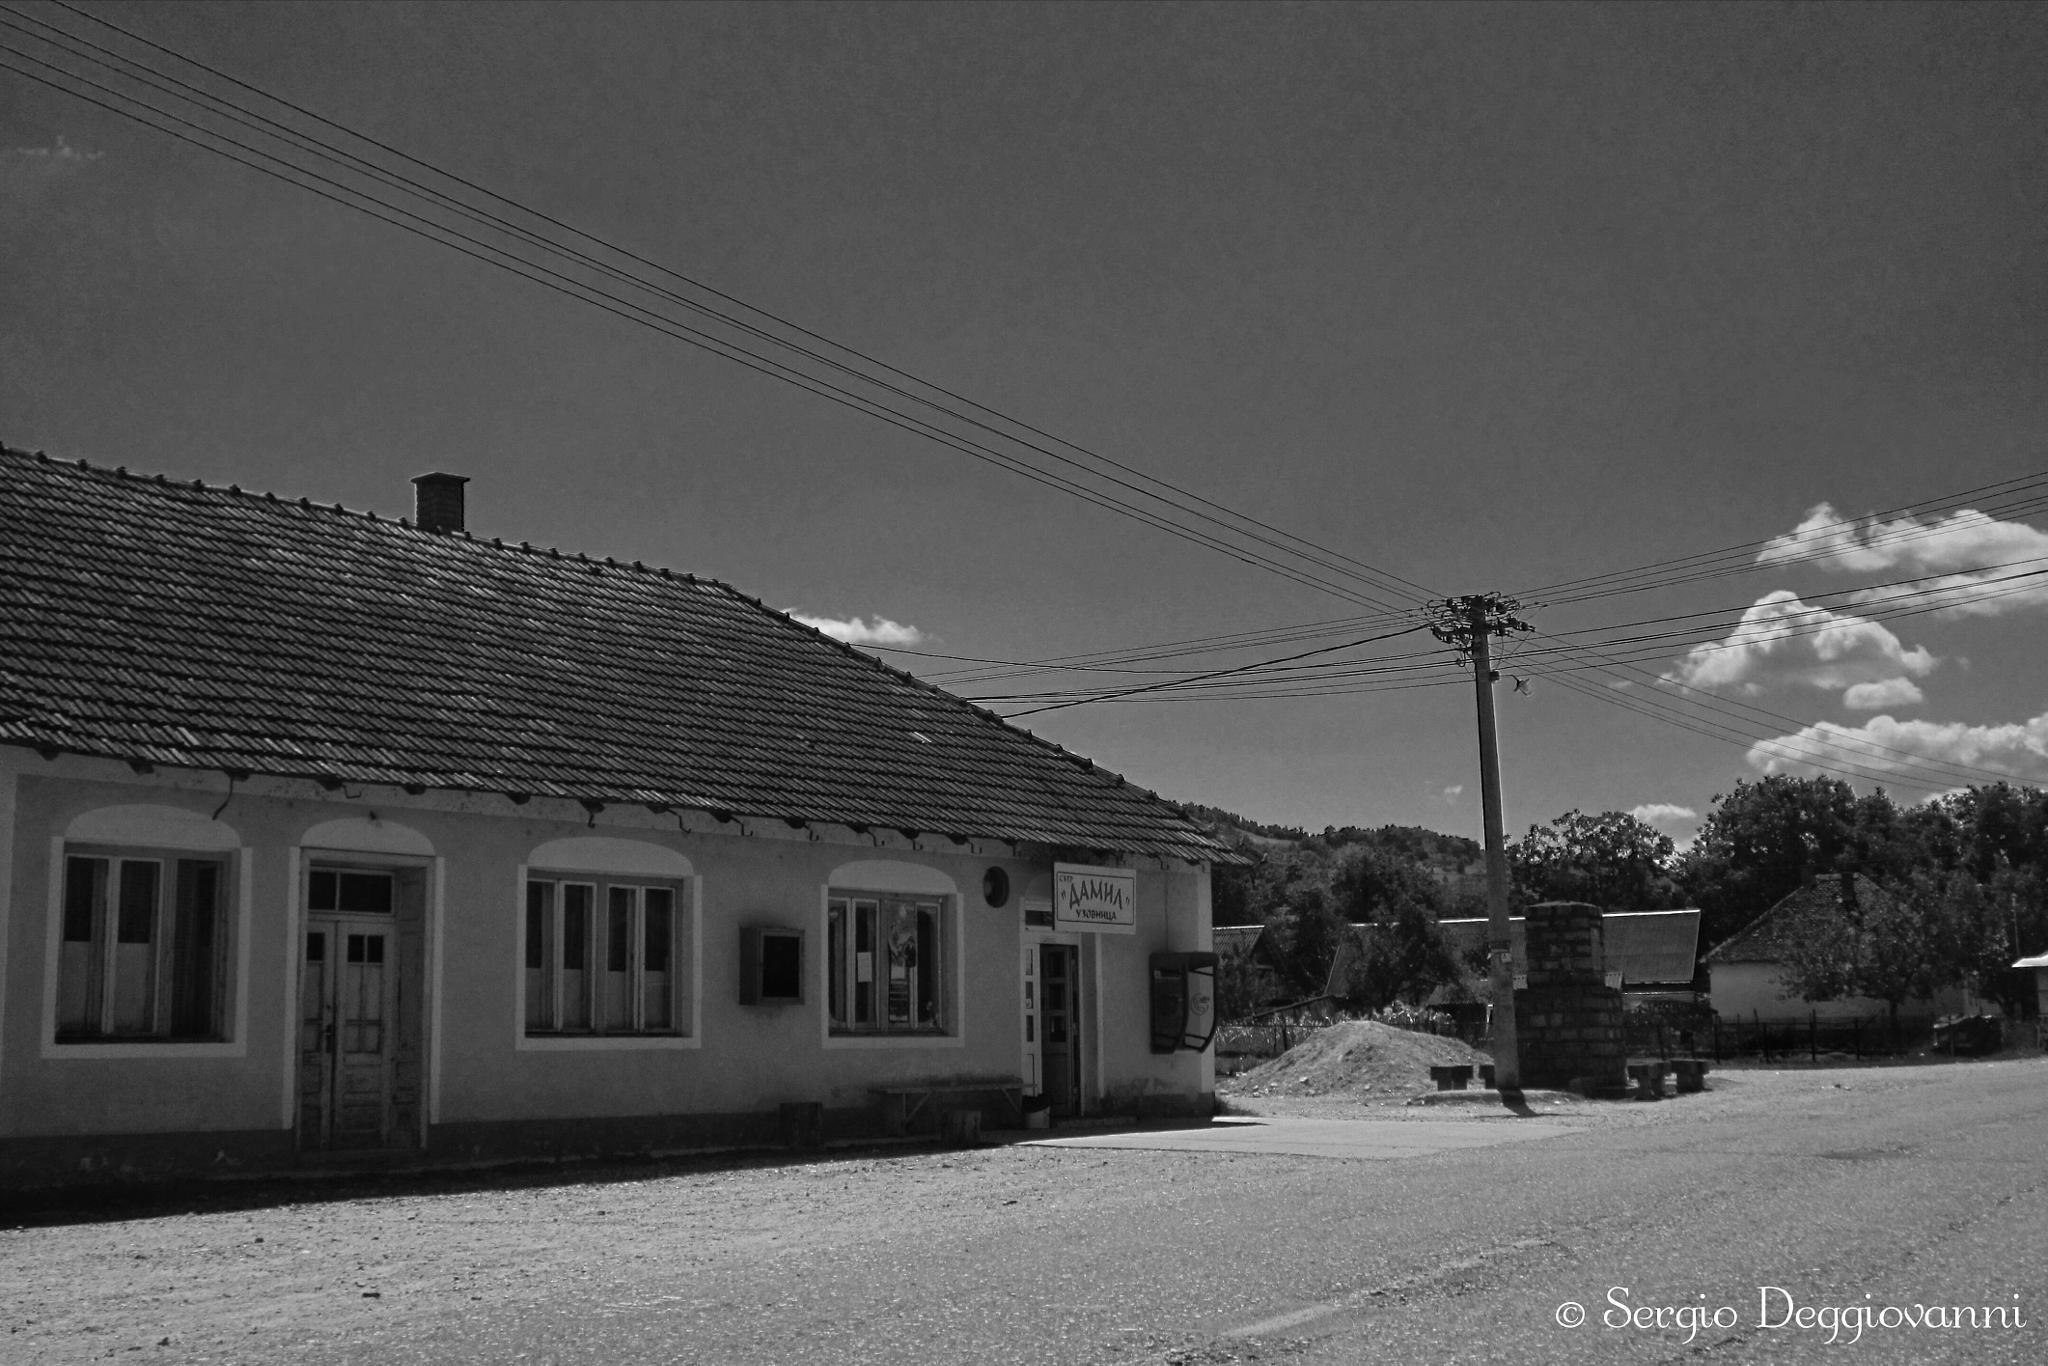 Somewhere along the road by Sergio Deggiovanni